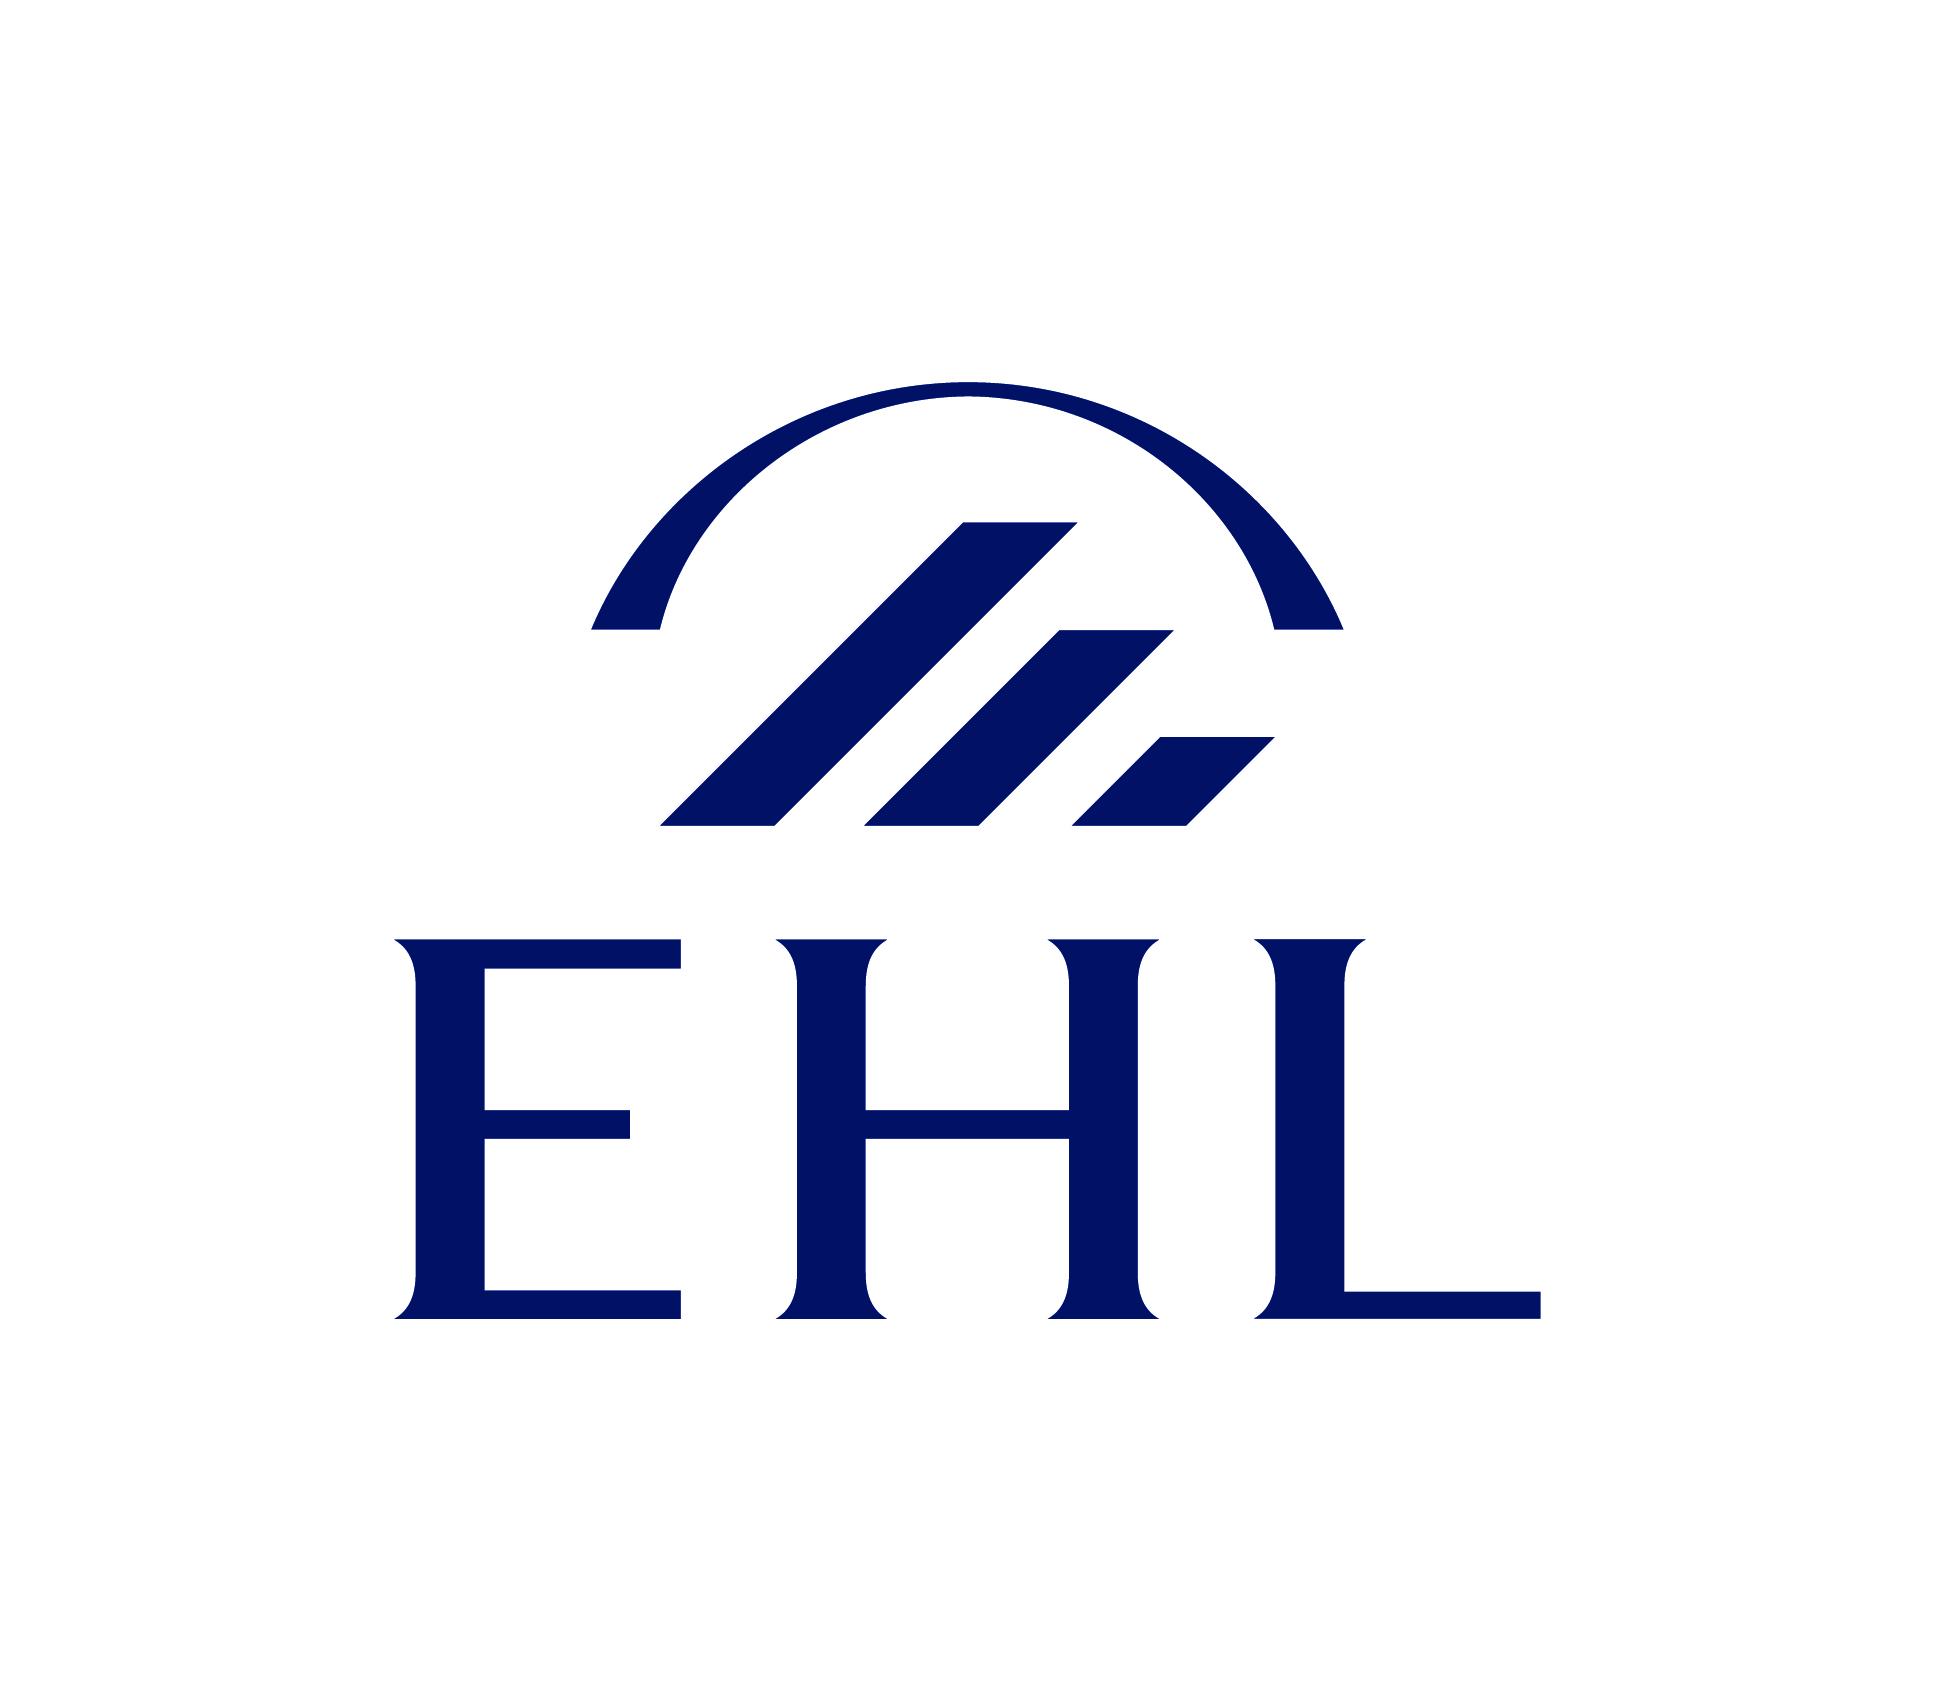 Logo École hôtelière de Lausanne / The Hong Kong Polytechnic University / Conrad N. Hilton College University of Houston